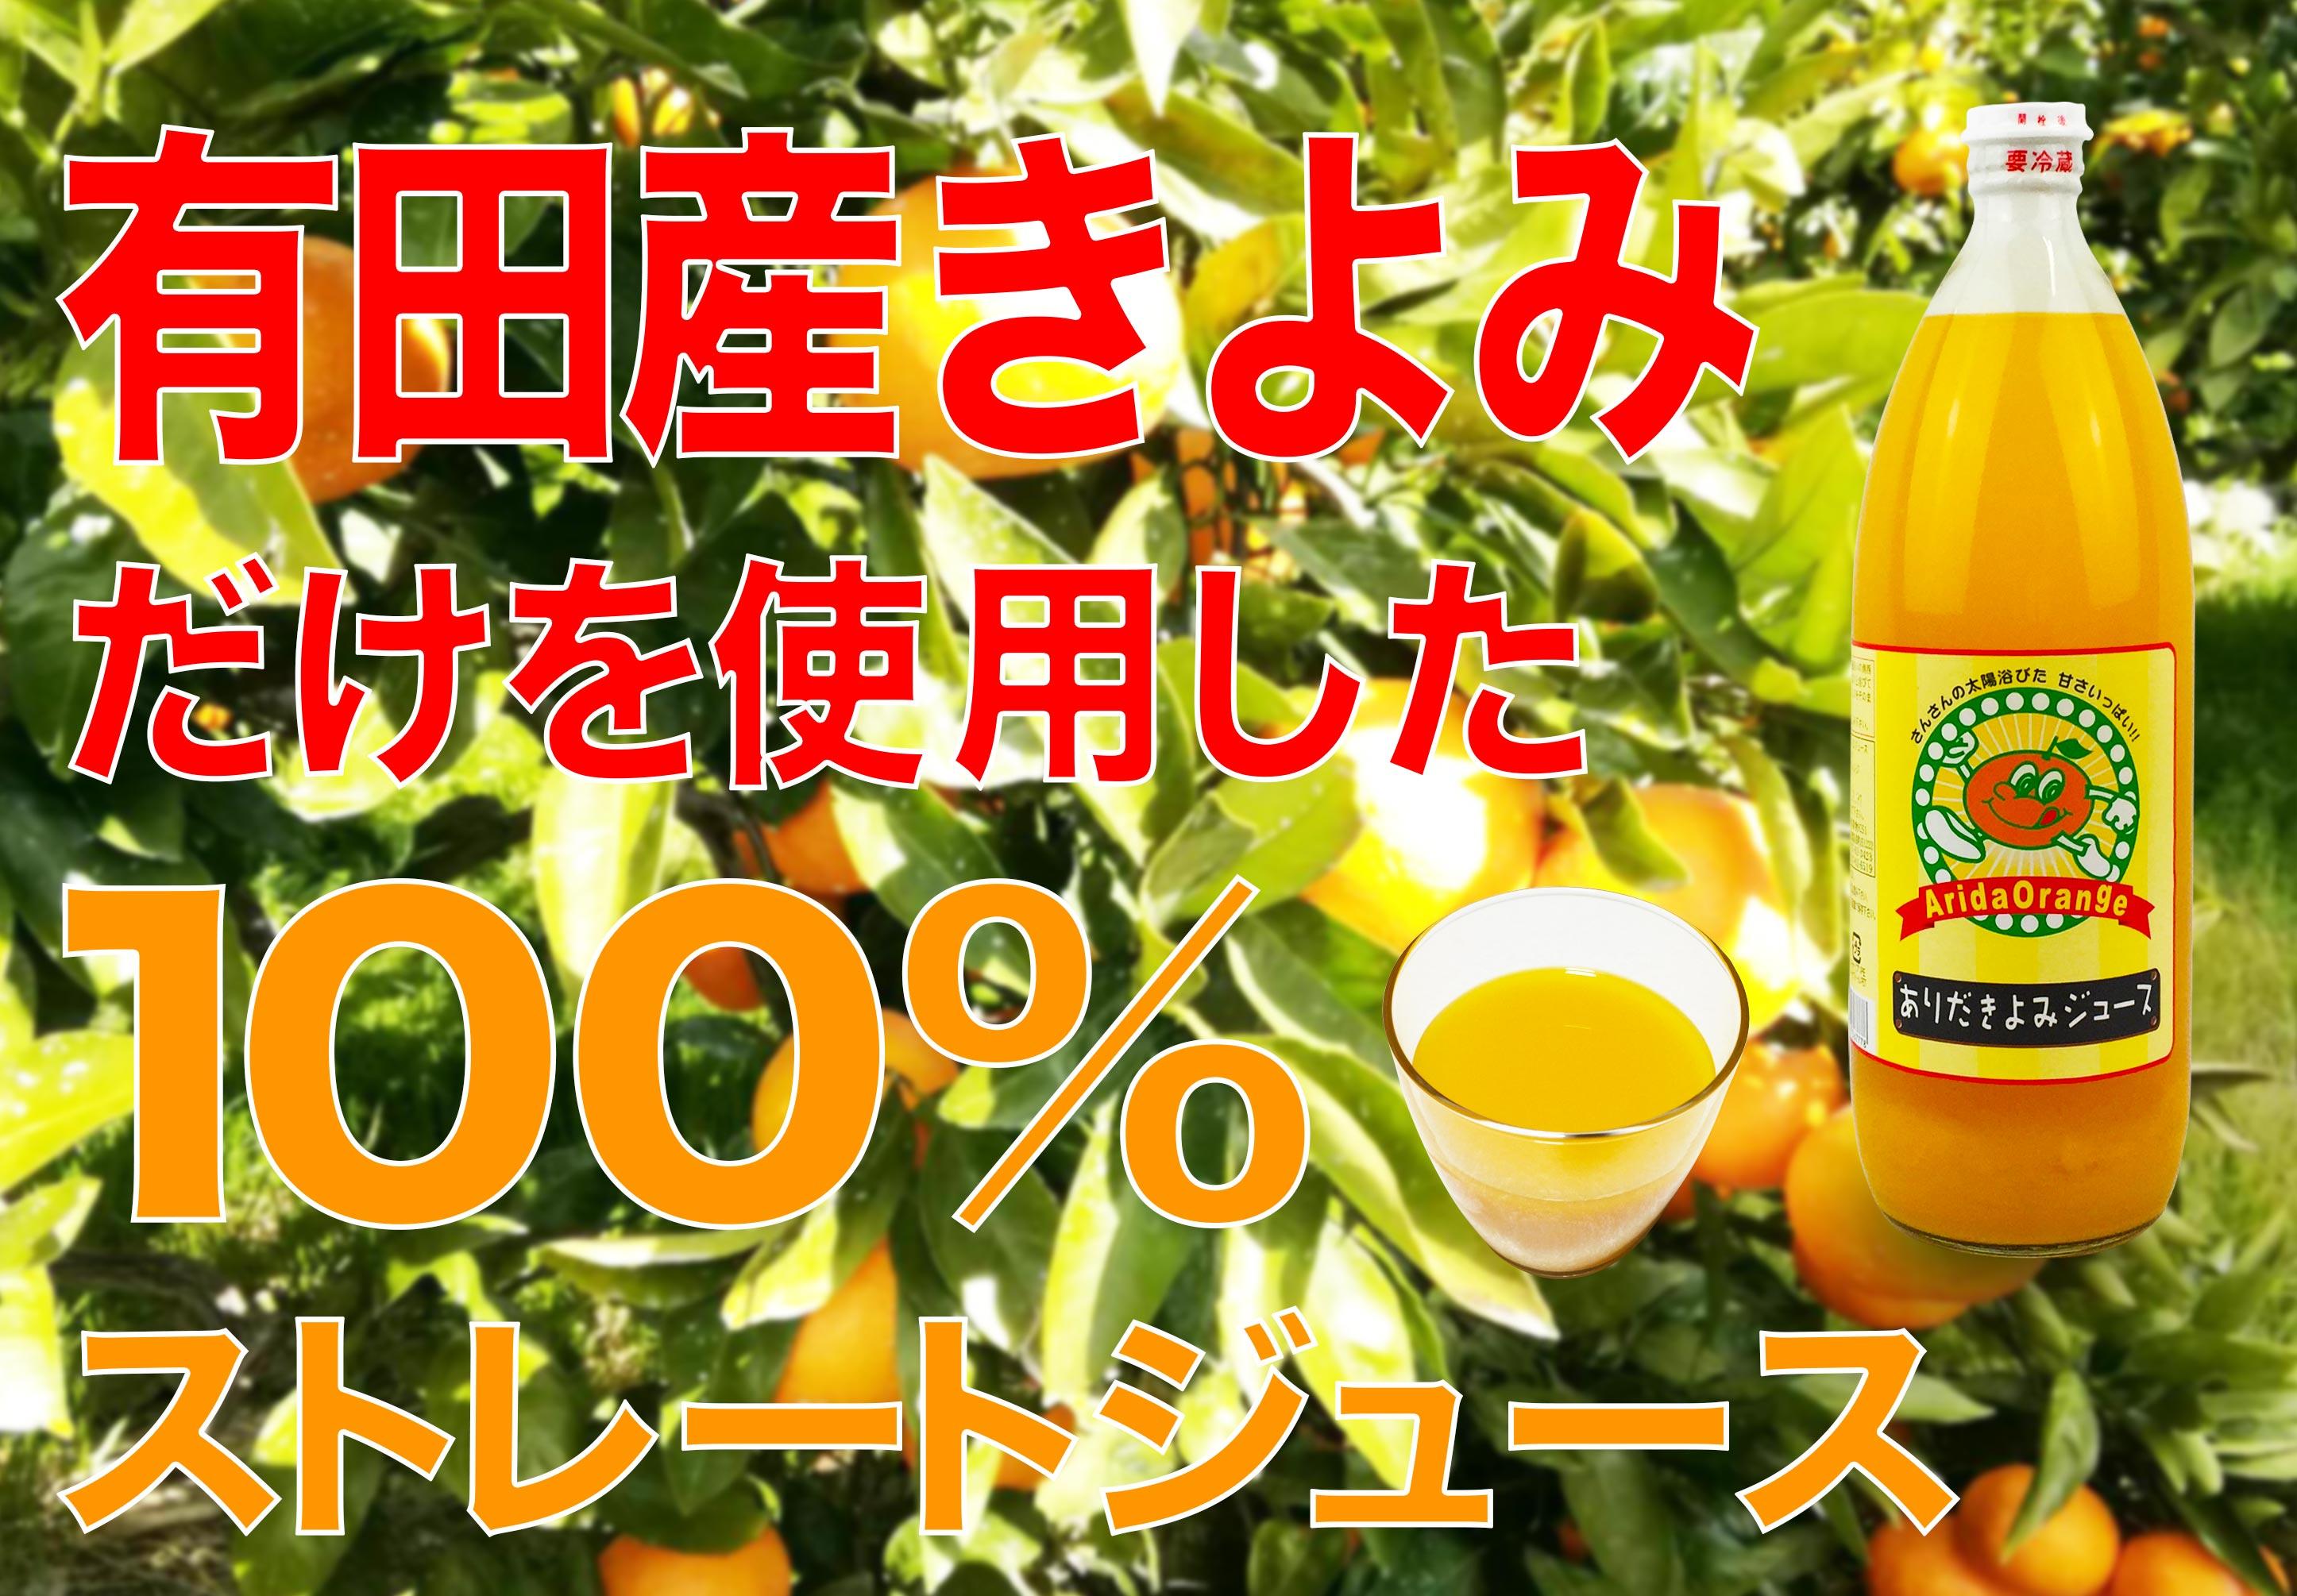 有田産きよみだけを使用した100%ストレートジュース